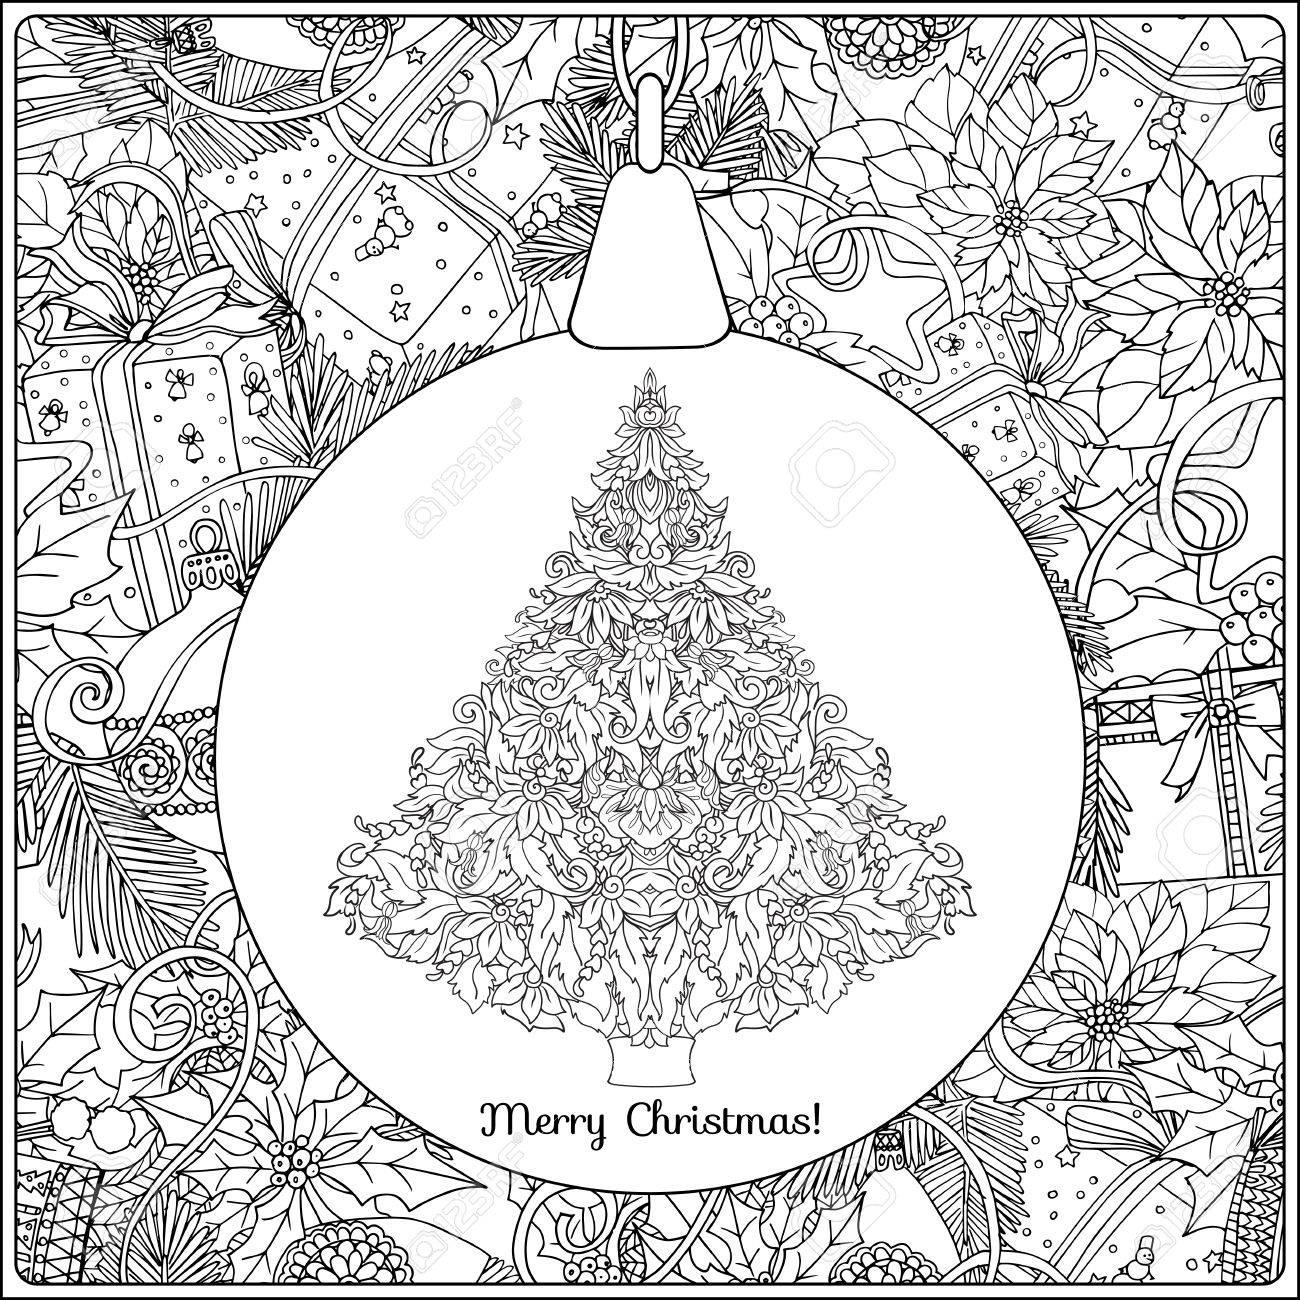 クリスマス ツリーとクリスマス リースの背景に装飾的なグッズで装飾品